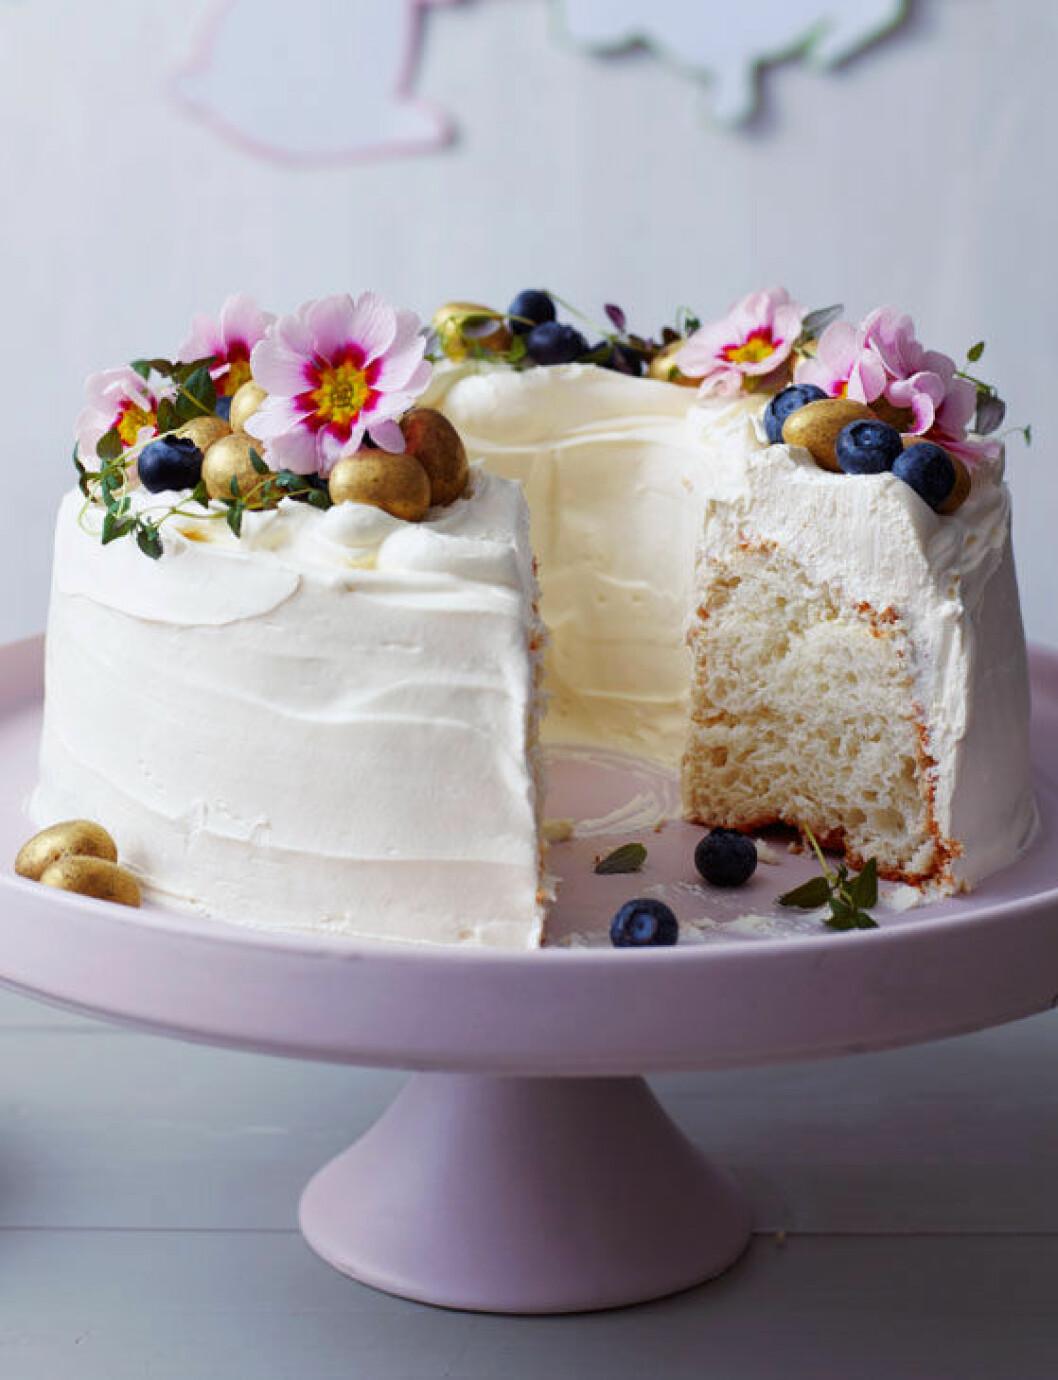 Tårta med ätbara blommor.